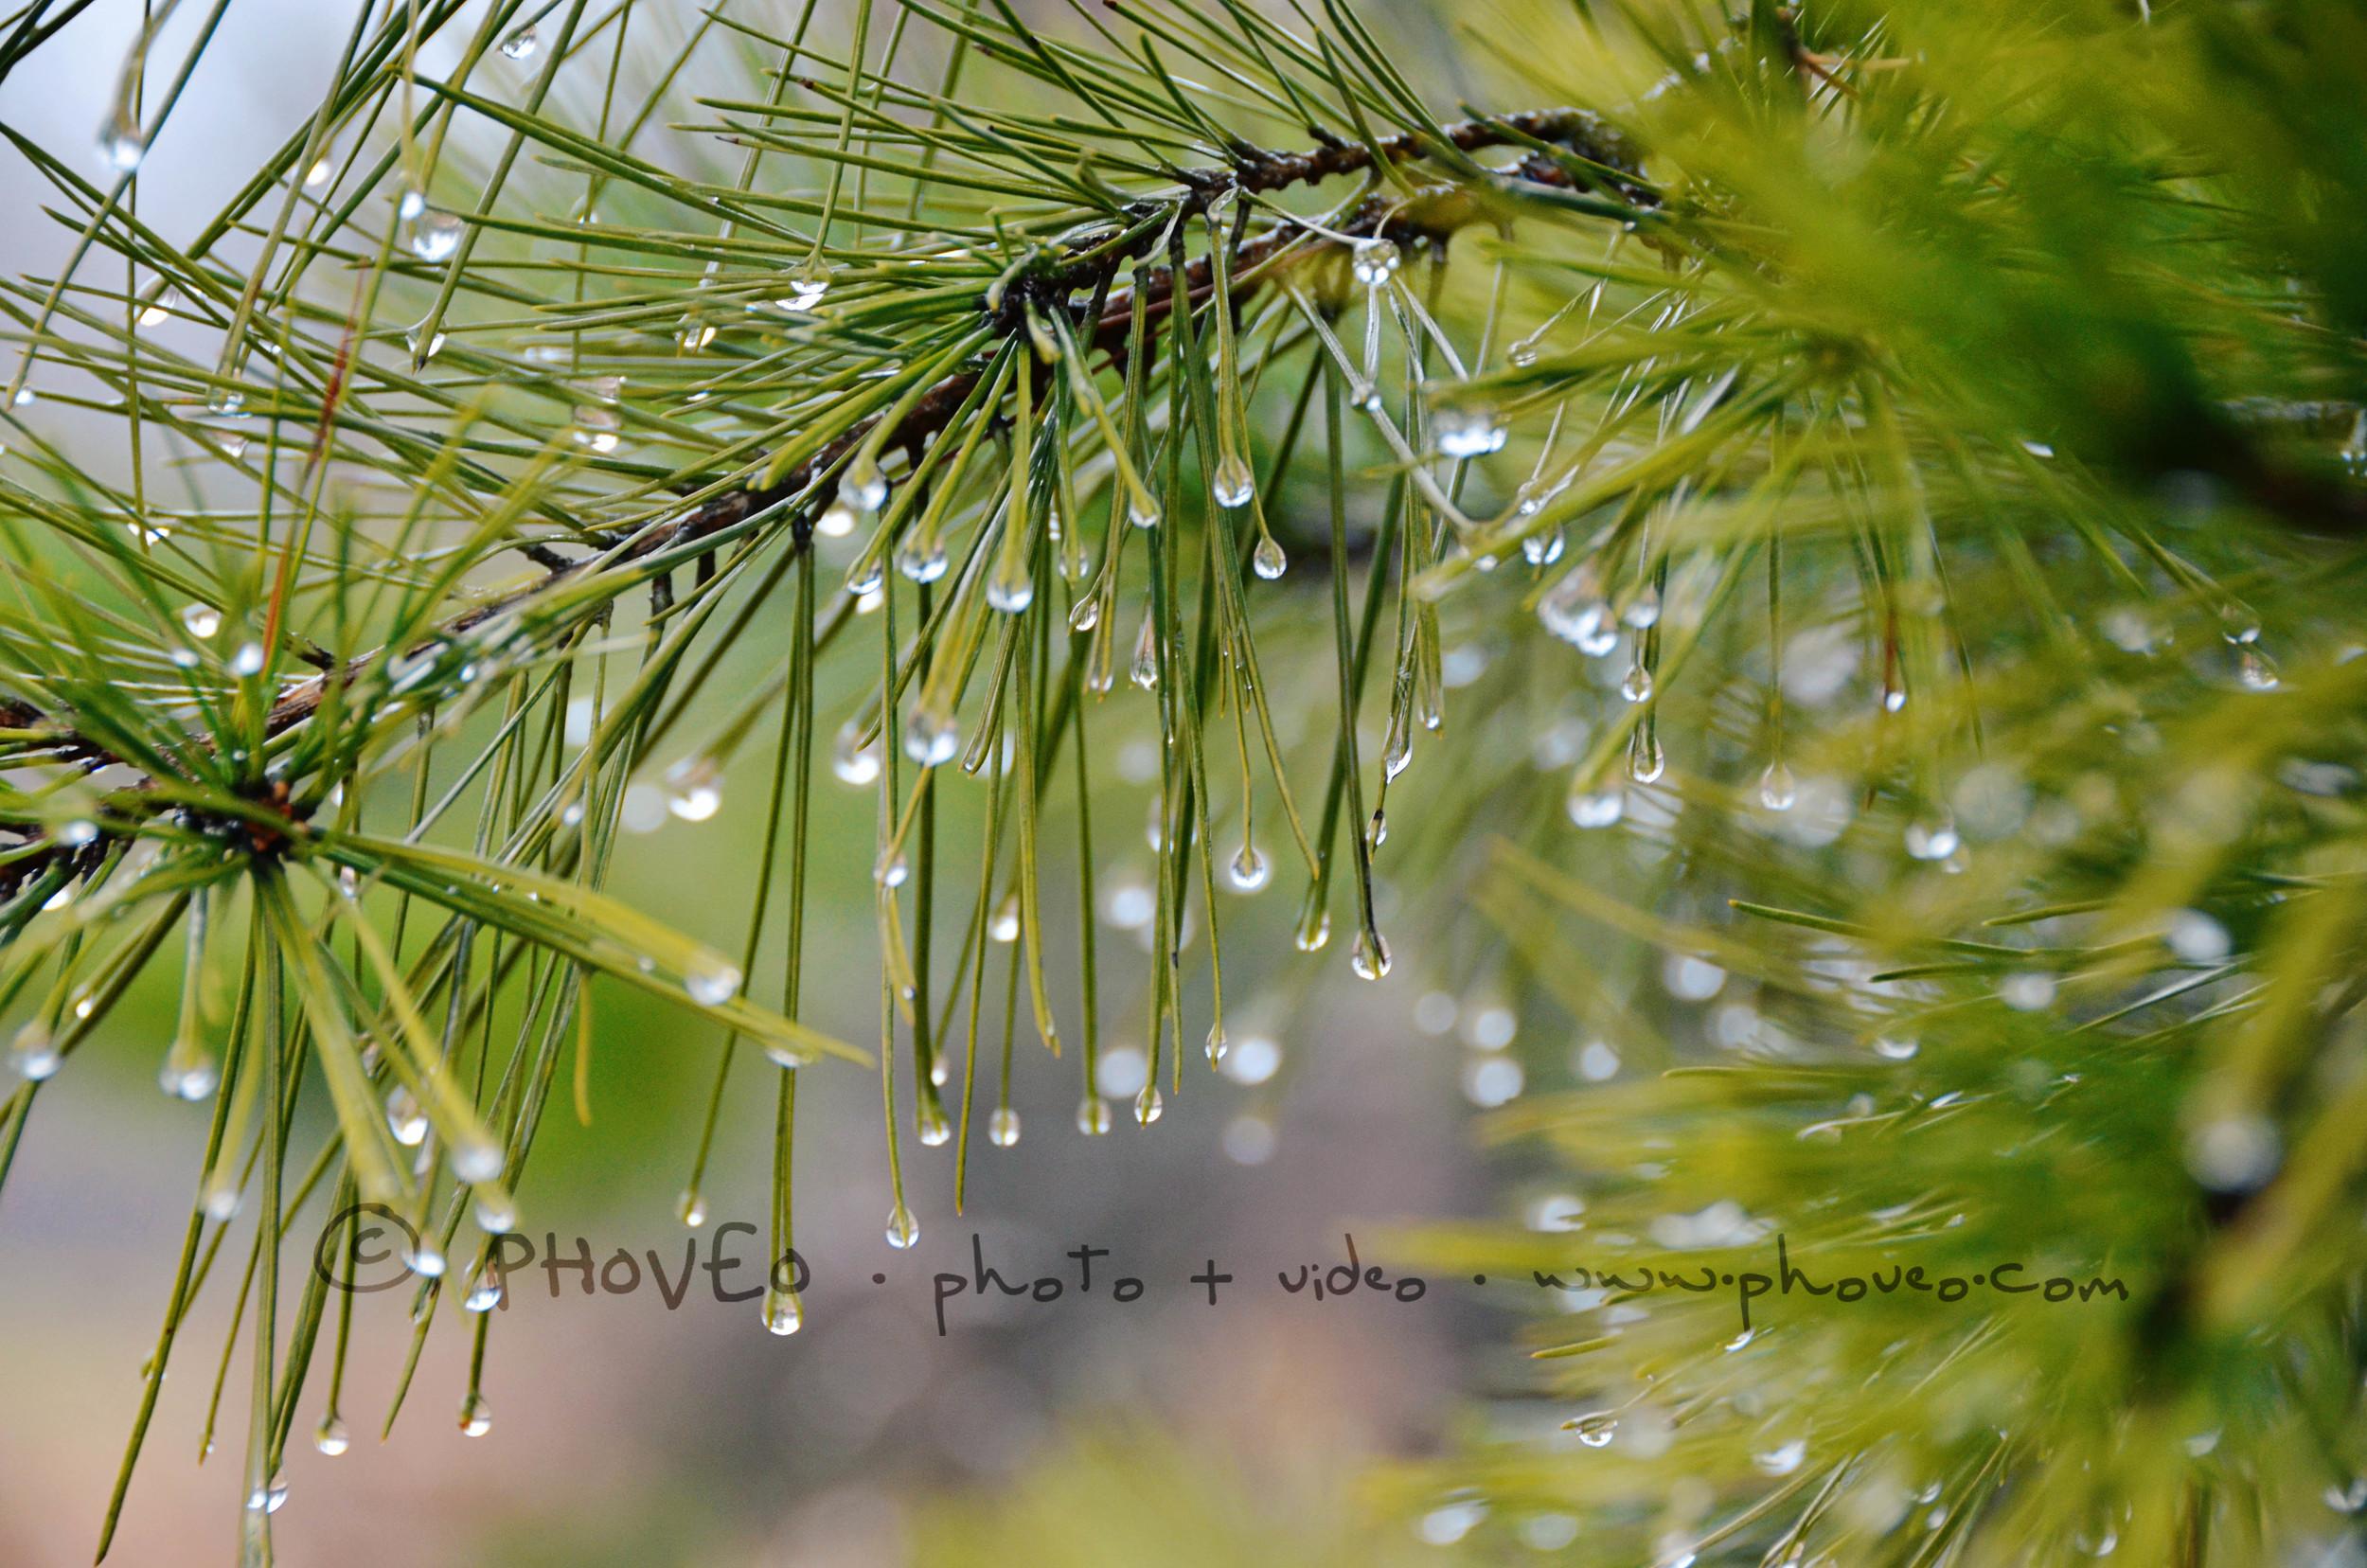 WM_Waterdrops.jpg